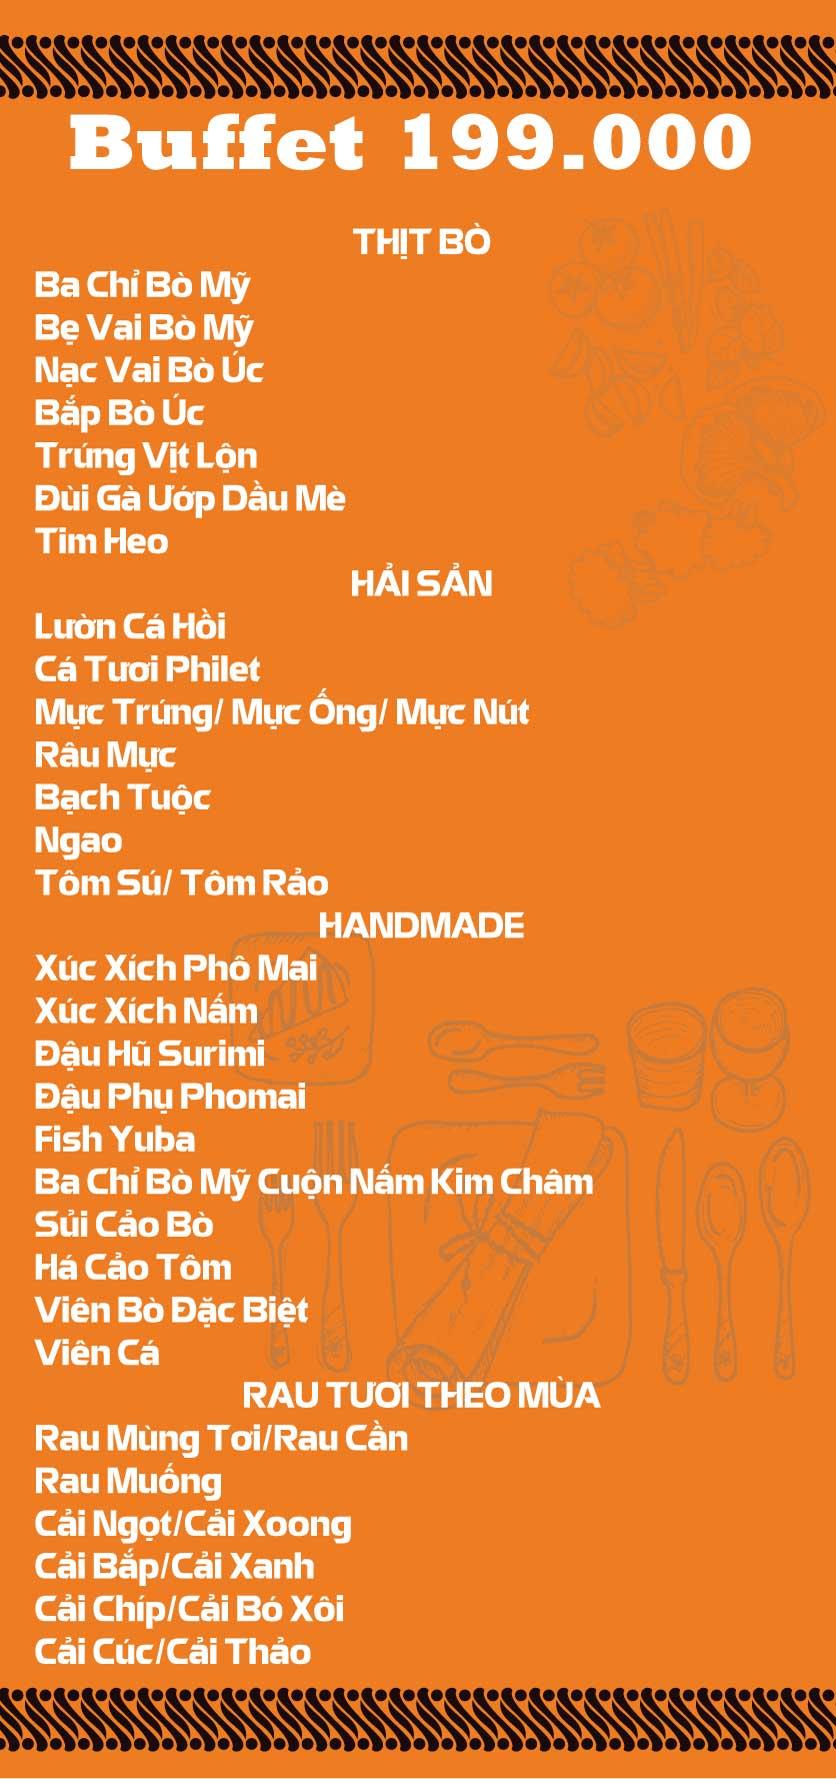 Menu Lẩu Băng Chuyền Kichi-Kichi - Linh Đàm 1